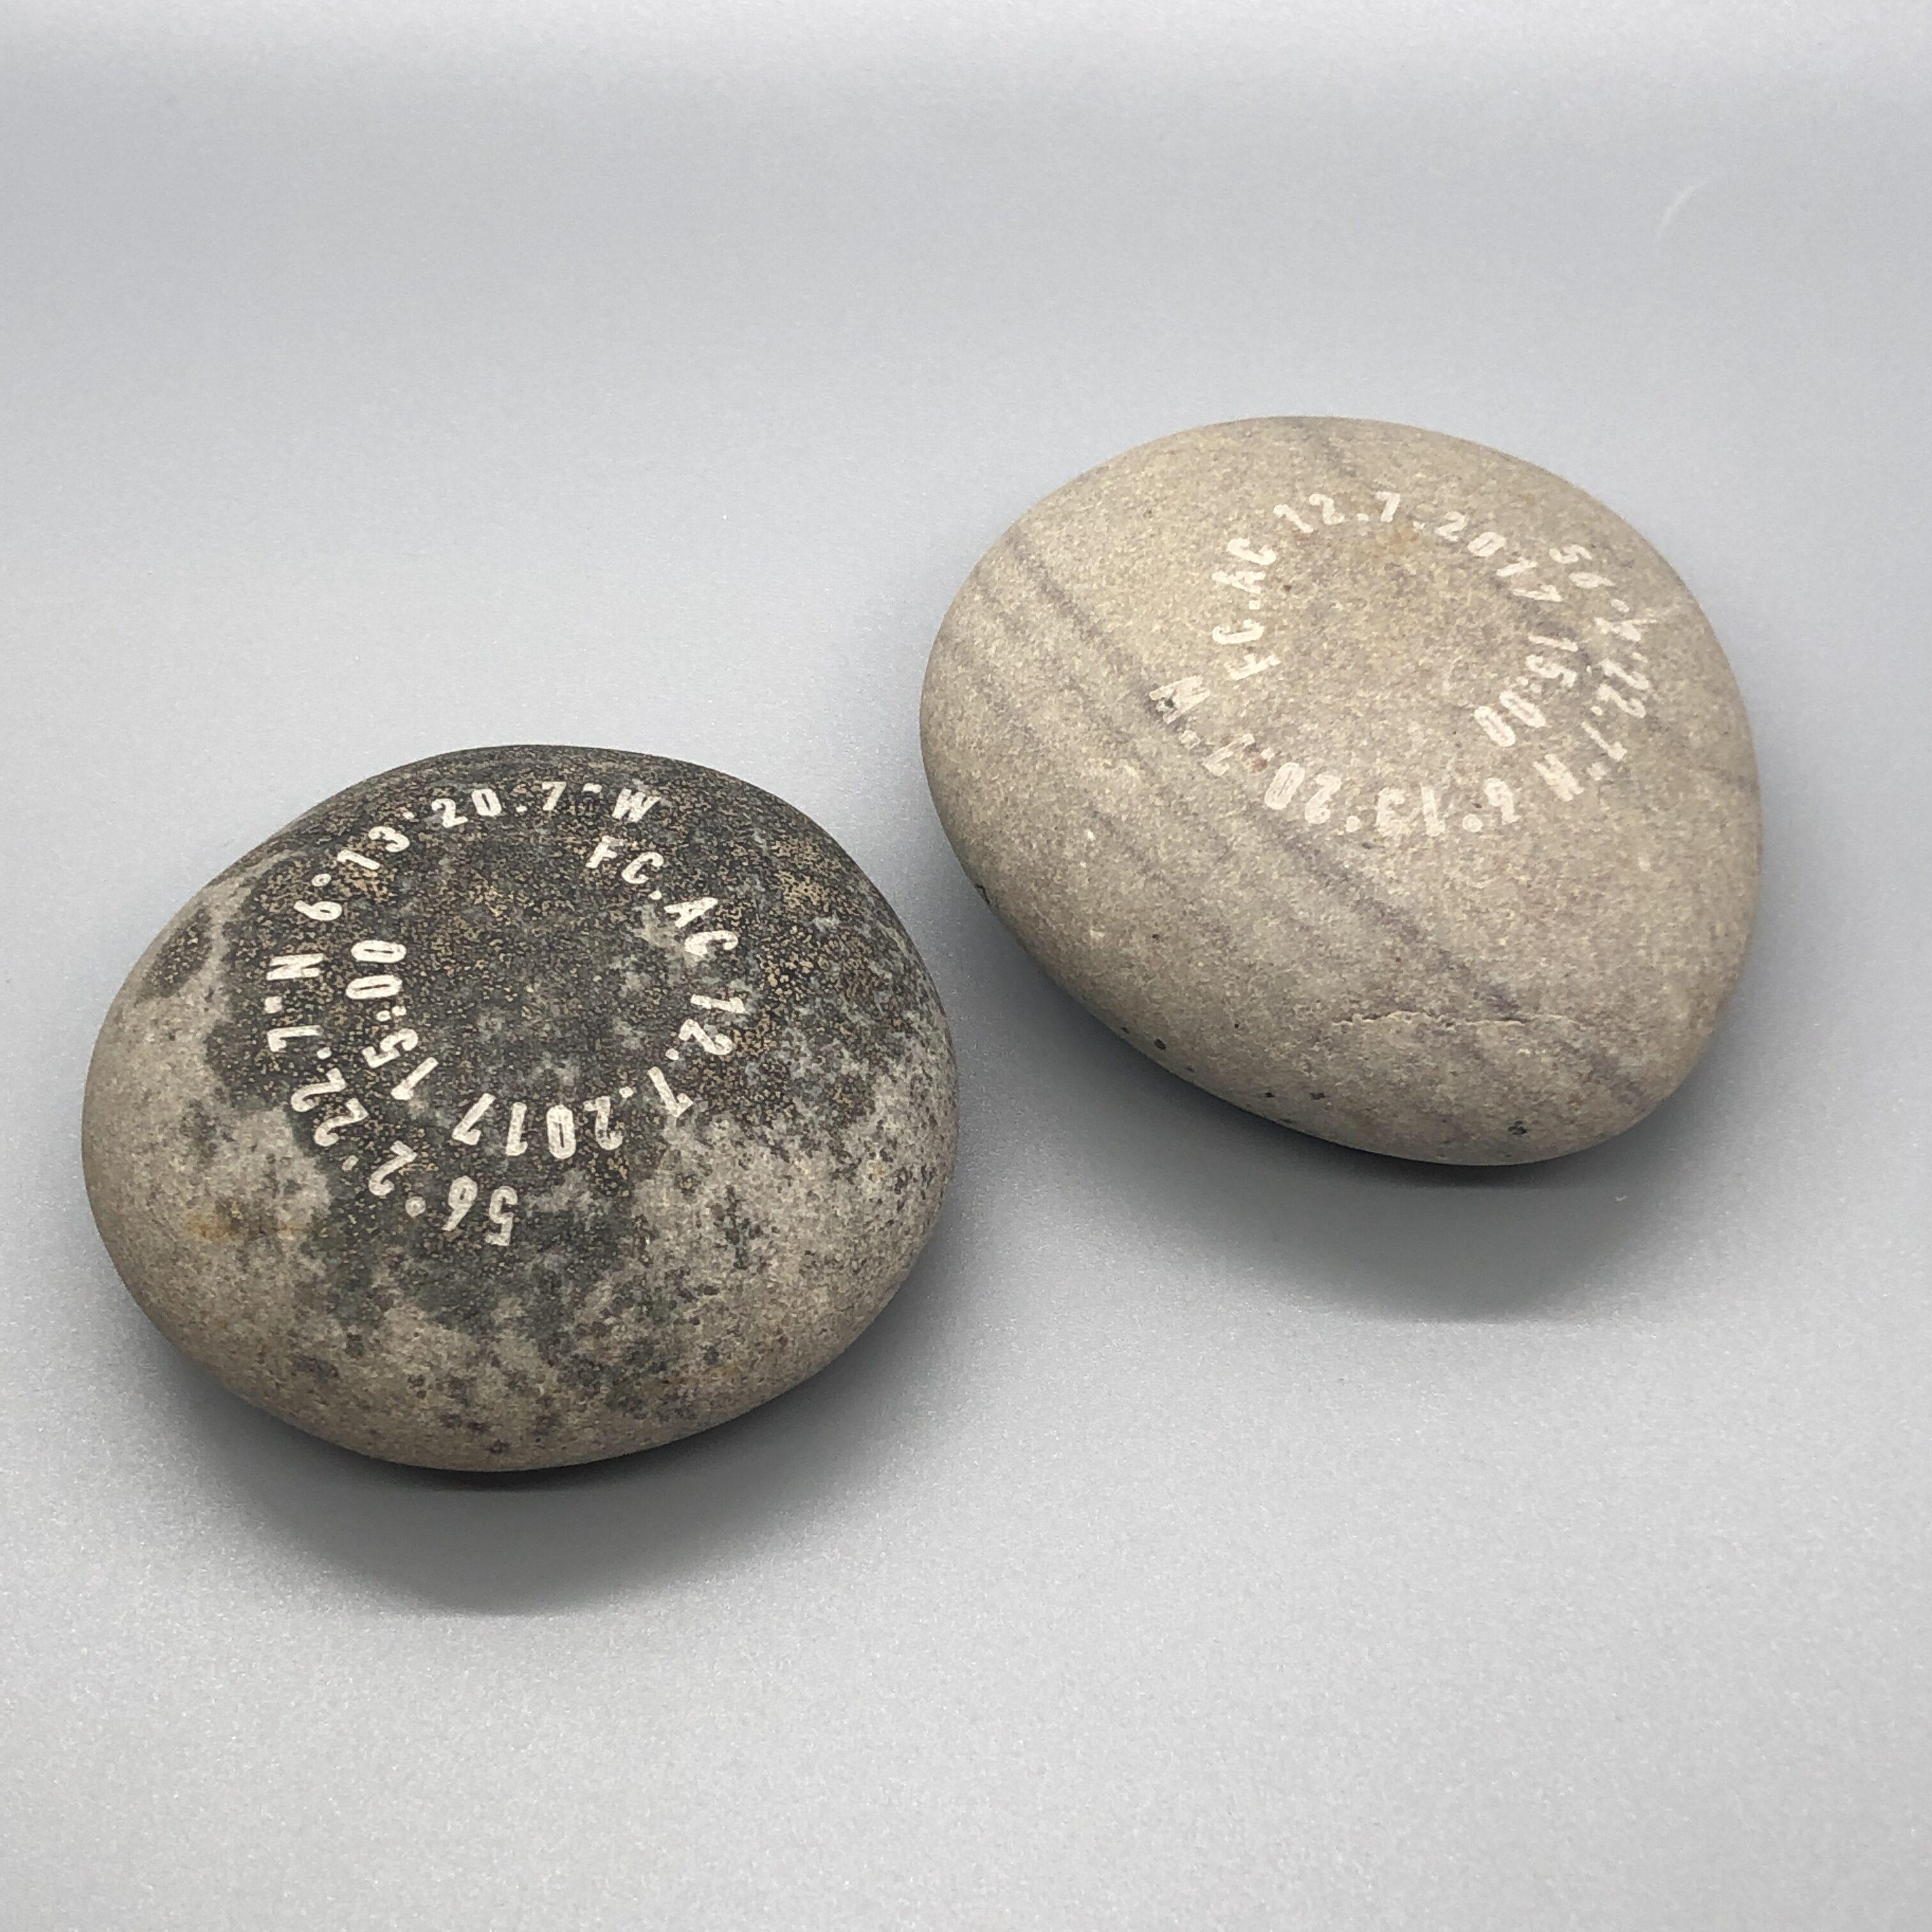 laser engraved stones